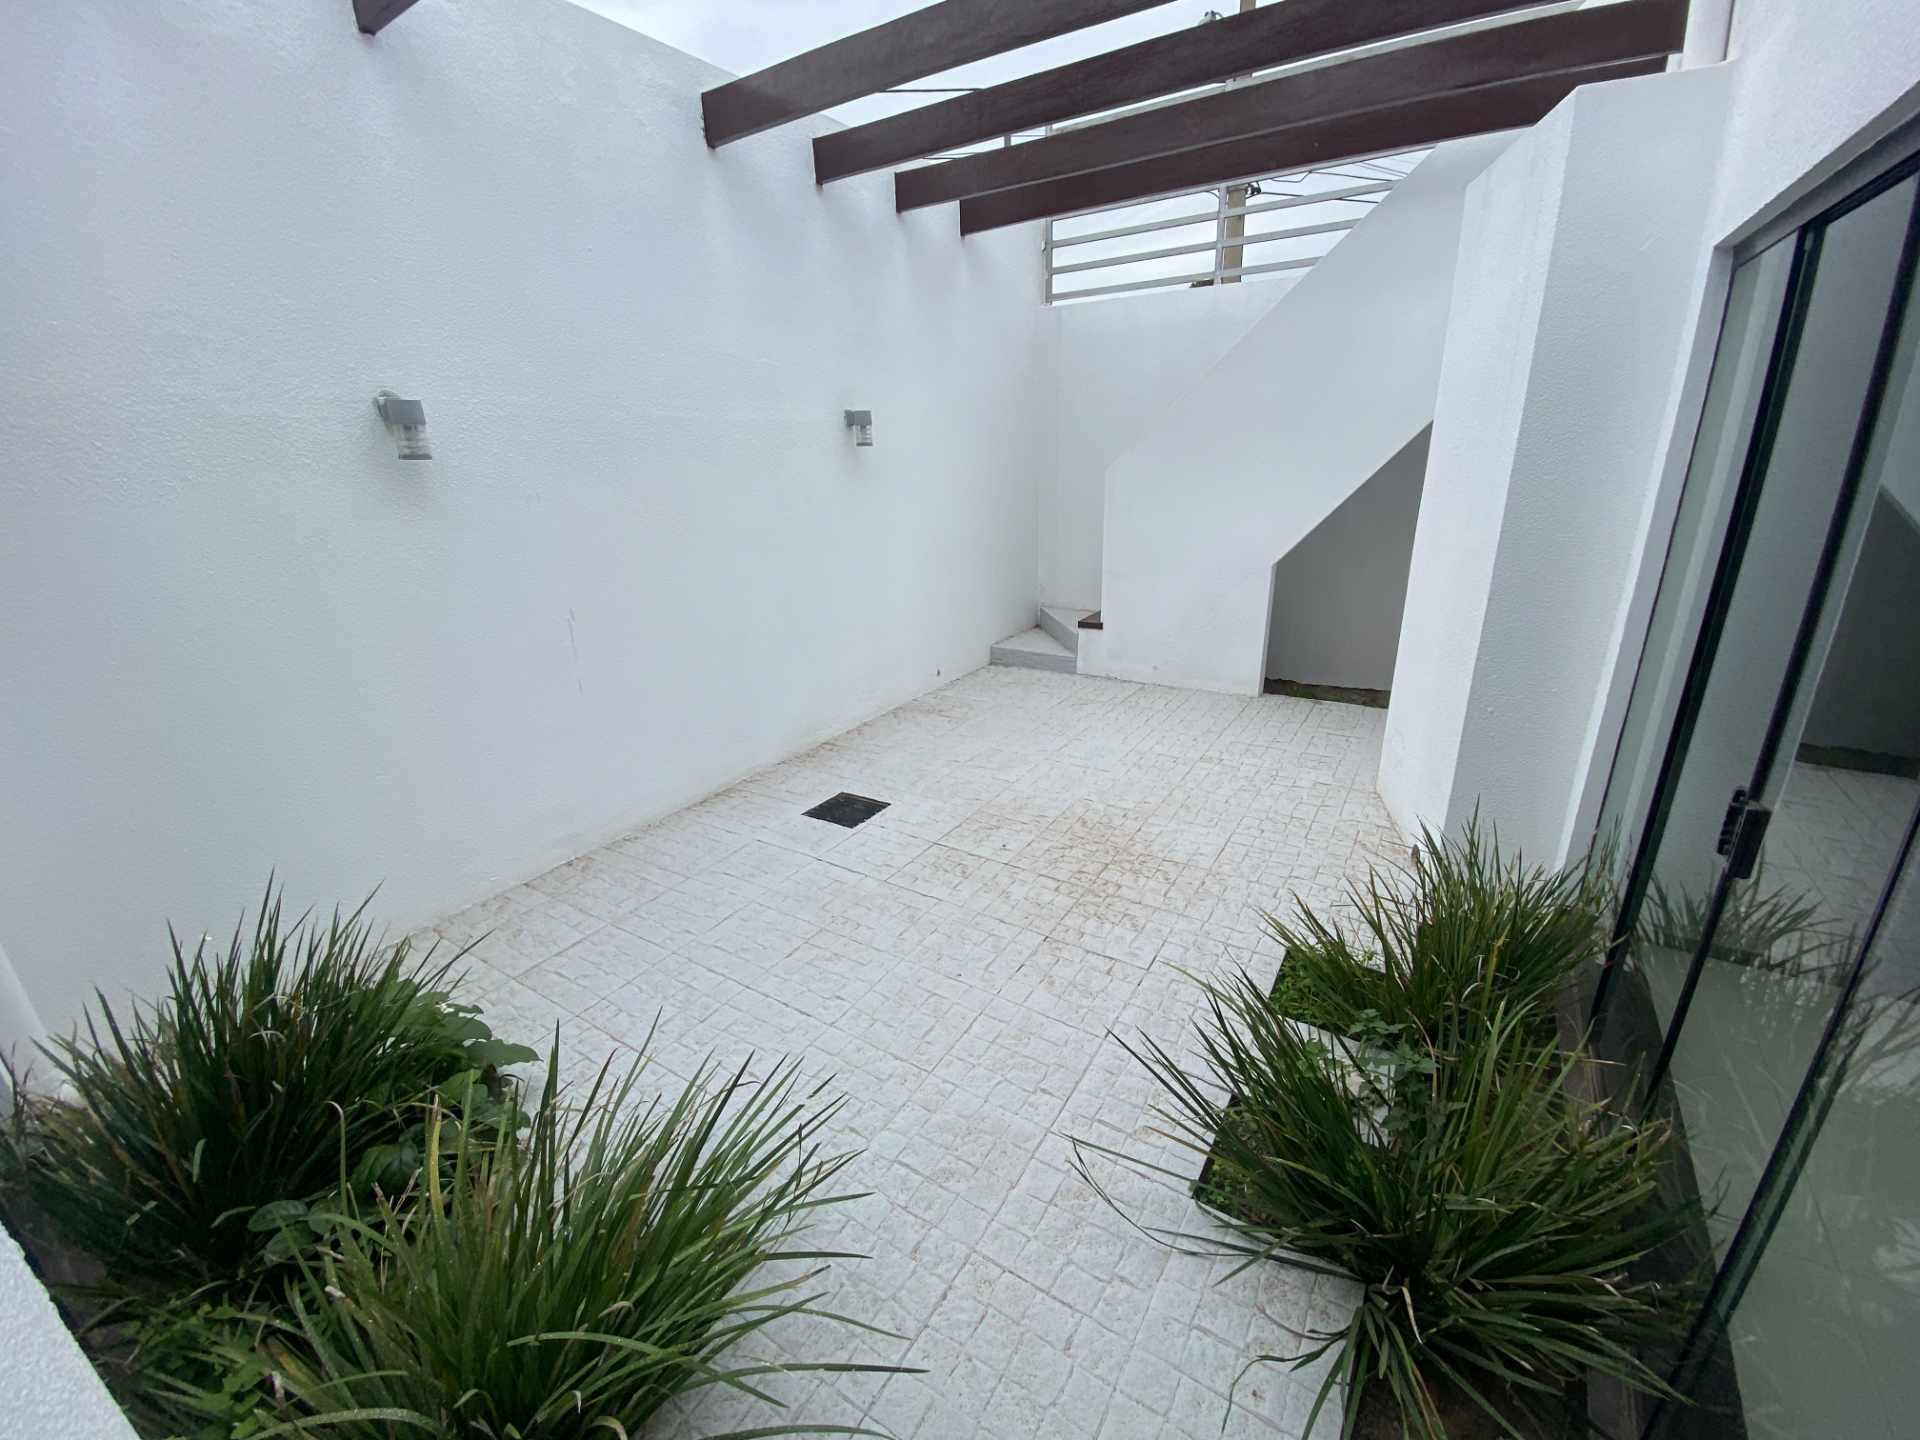 Casa en Venta Condominio Mónaco, entre 7mo y 8vo anillo de la zona norte sobre Canal Pedro Velez.  Foto 5